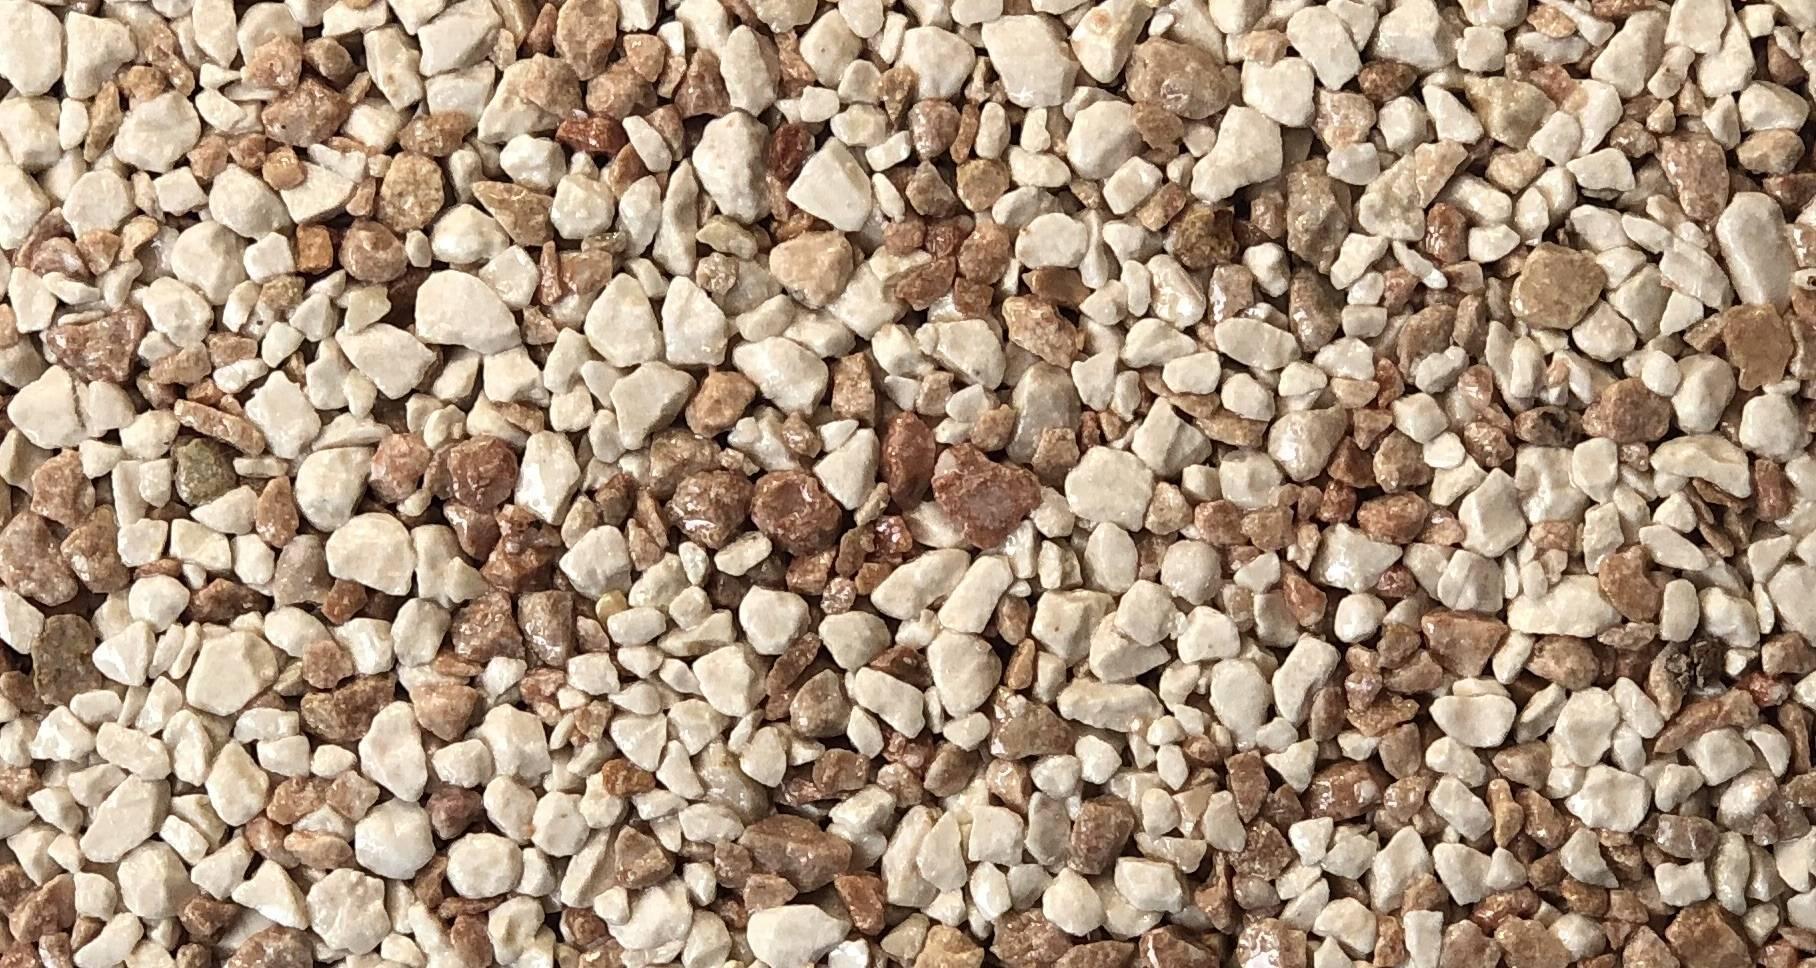 revetement exterieur tendance moquette - La moquette de pierre : un revêtement extérieur tendance